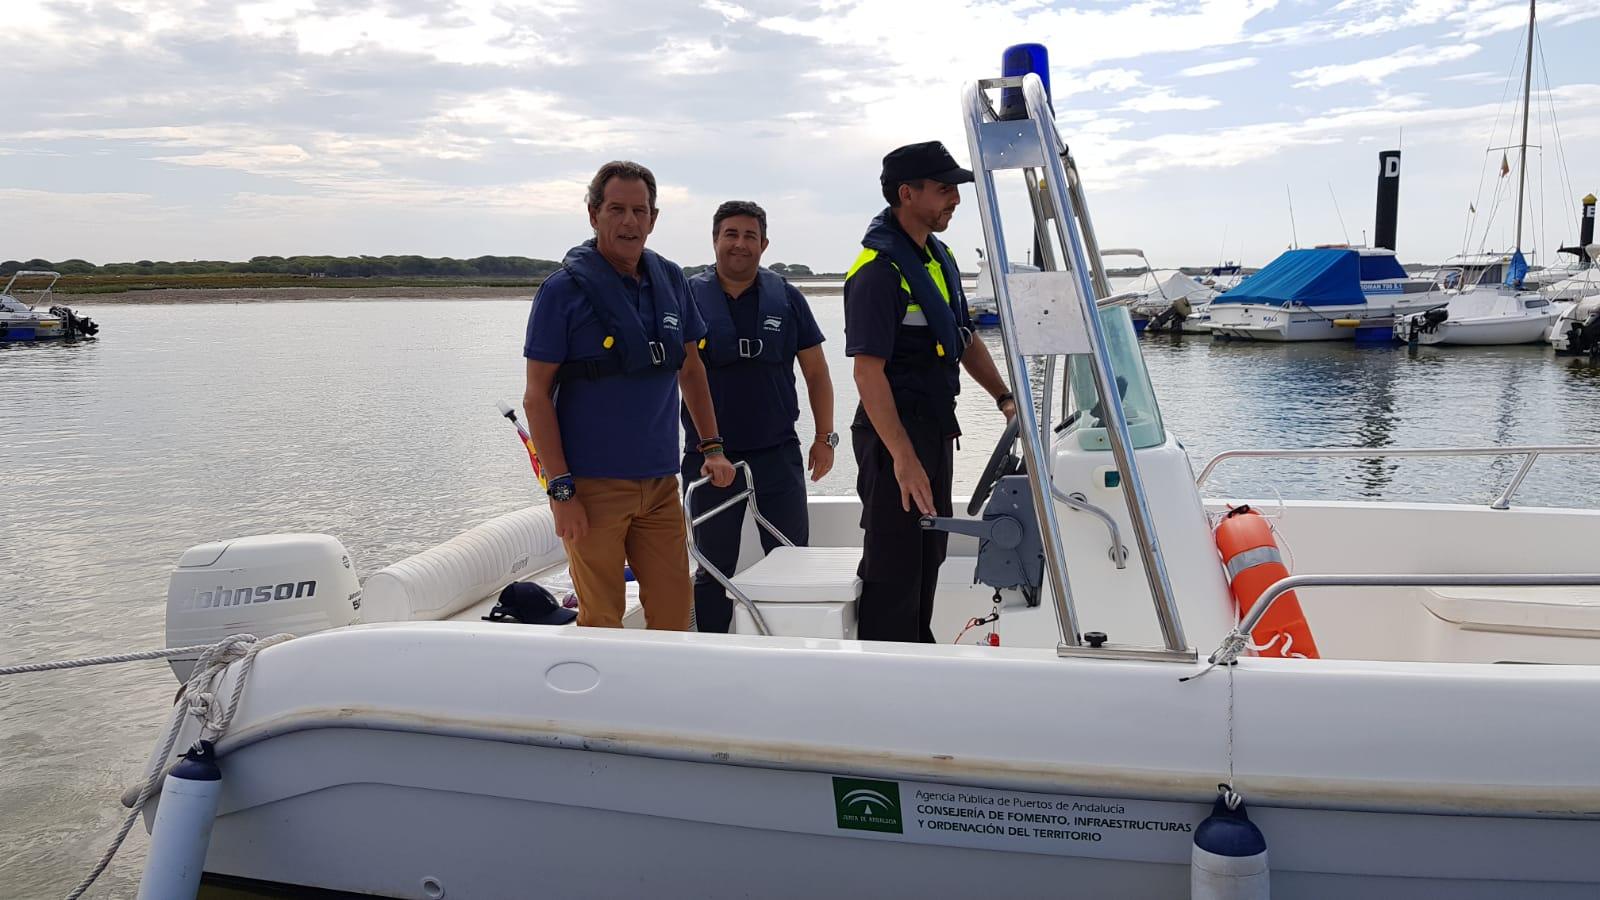 PUERTOS INCORPORA UN SERVICIO DE POLICÍA PARA VELAR POR LA SEGURIDAD EN LA RÍA DEL PIEDRAS